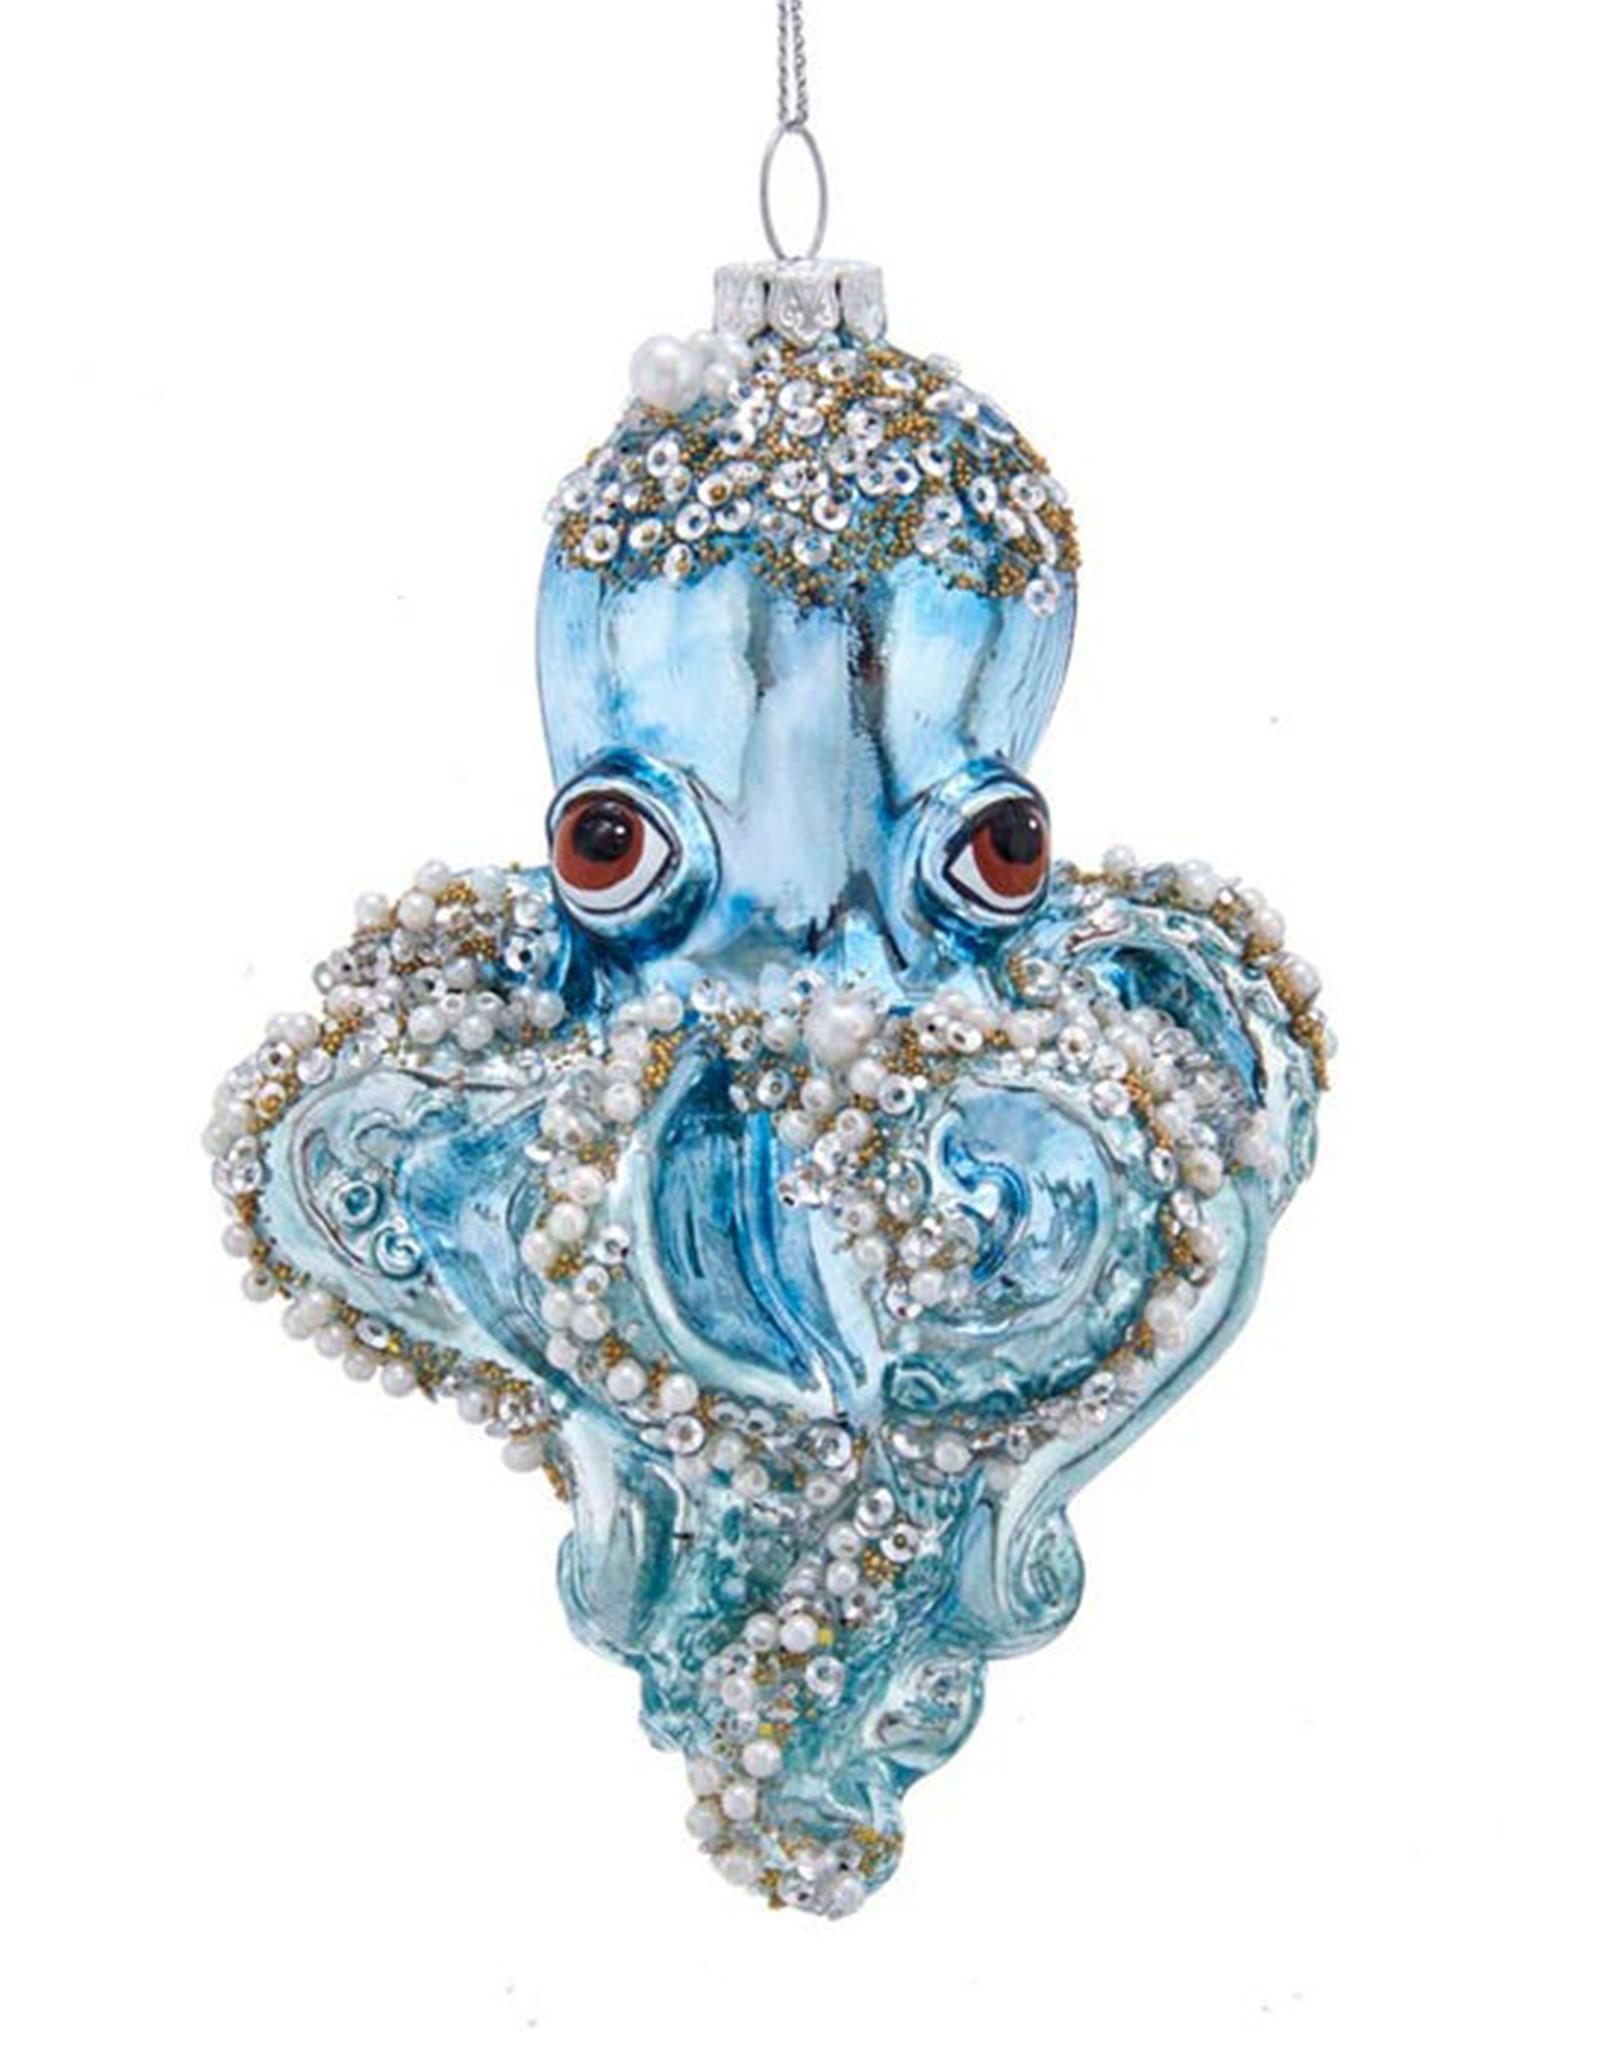 KURT ADLER BLUE OCTOPUS ORNAMENT